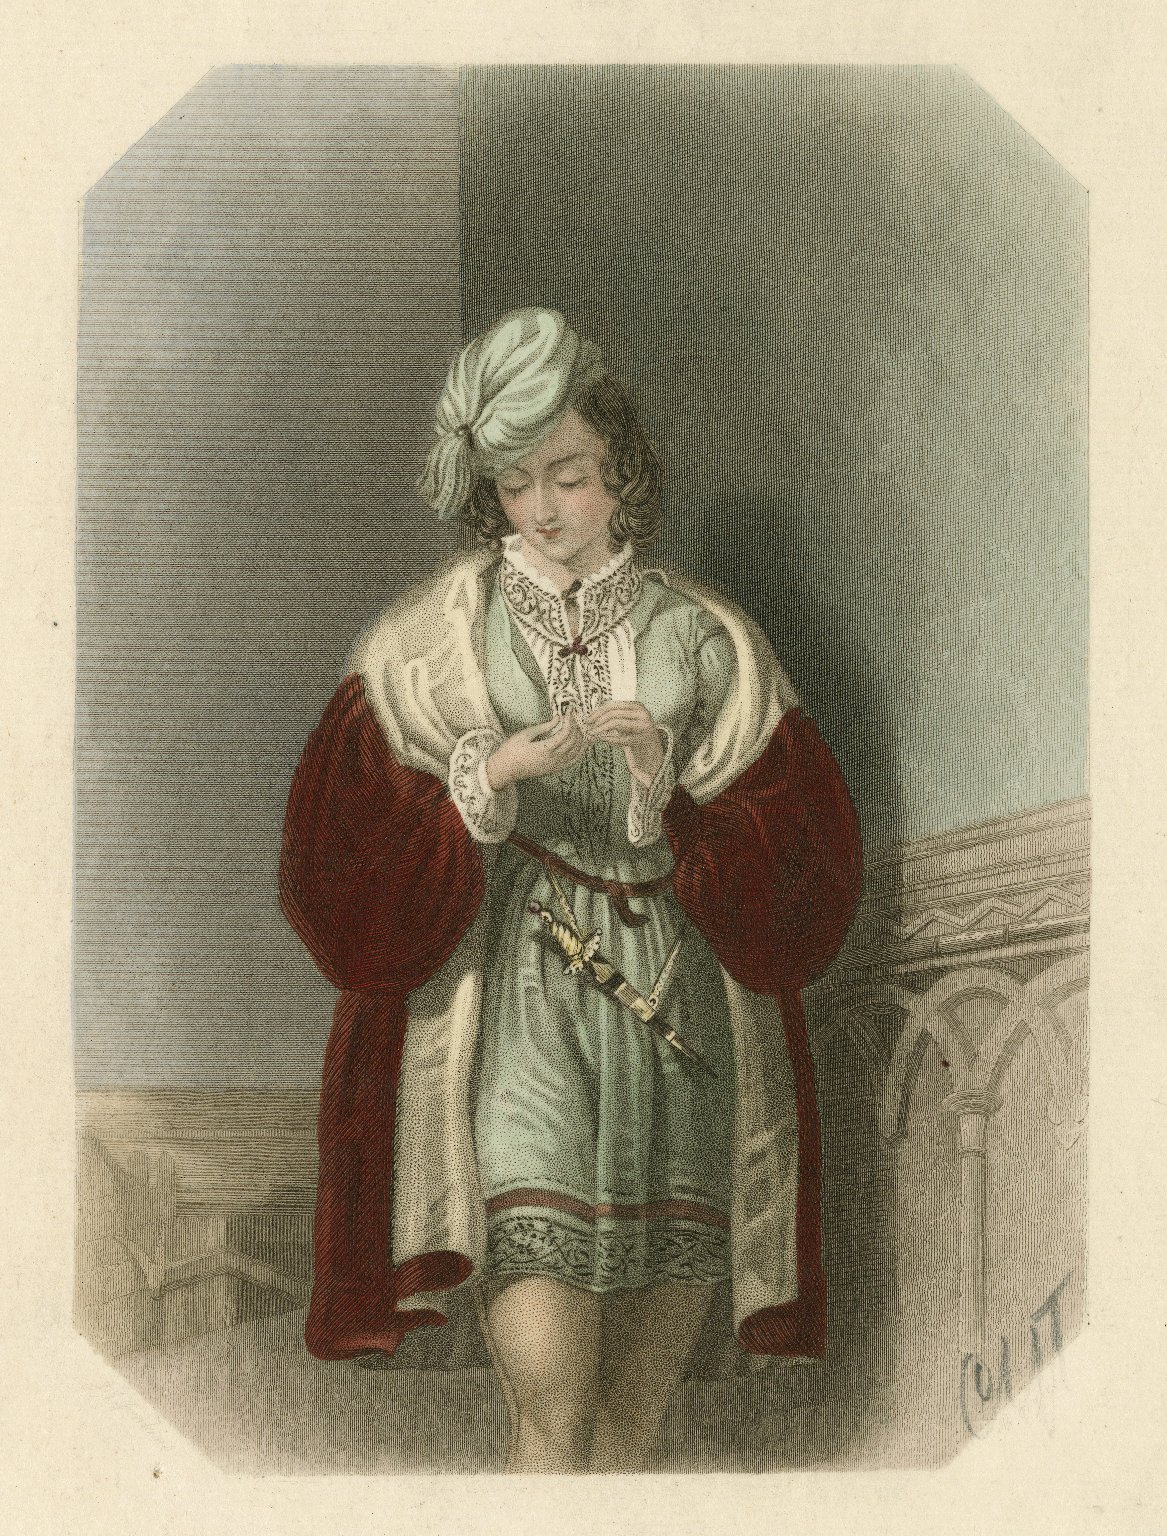 Julia, Two gentlemen of Verona, act 4, sc. 4 [graphic] / J.J. Jenkins ; B. Eyles.